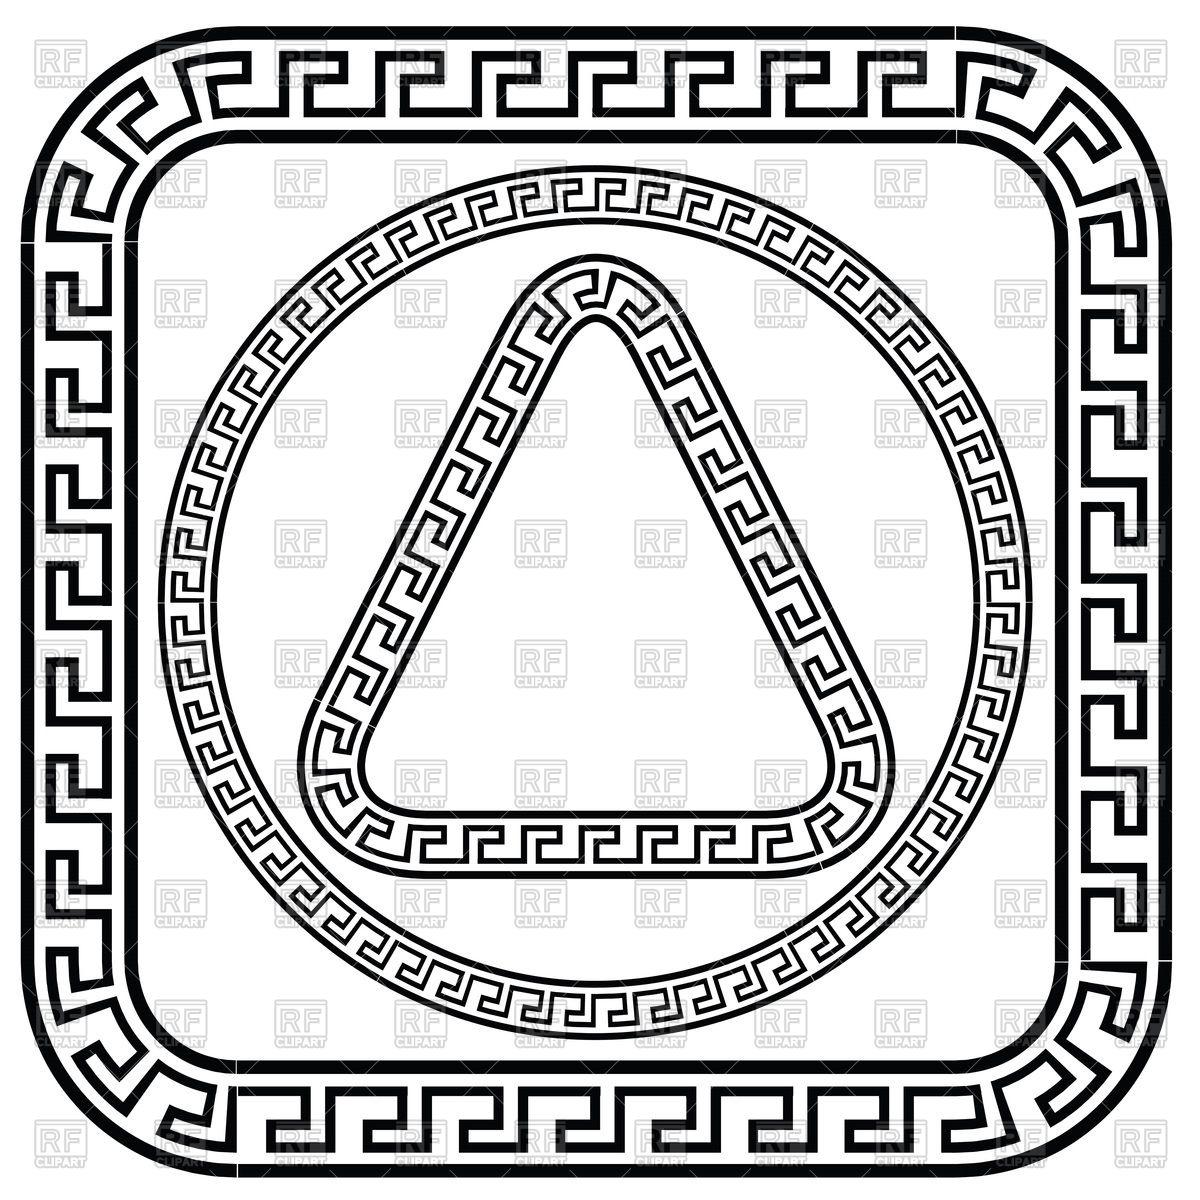 Greek meander patterns Vector Image #63272.